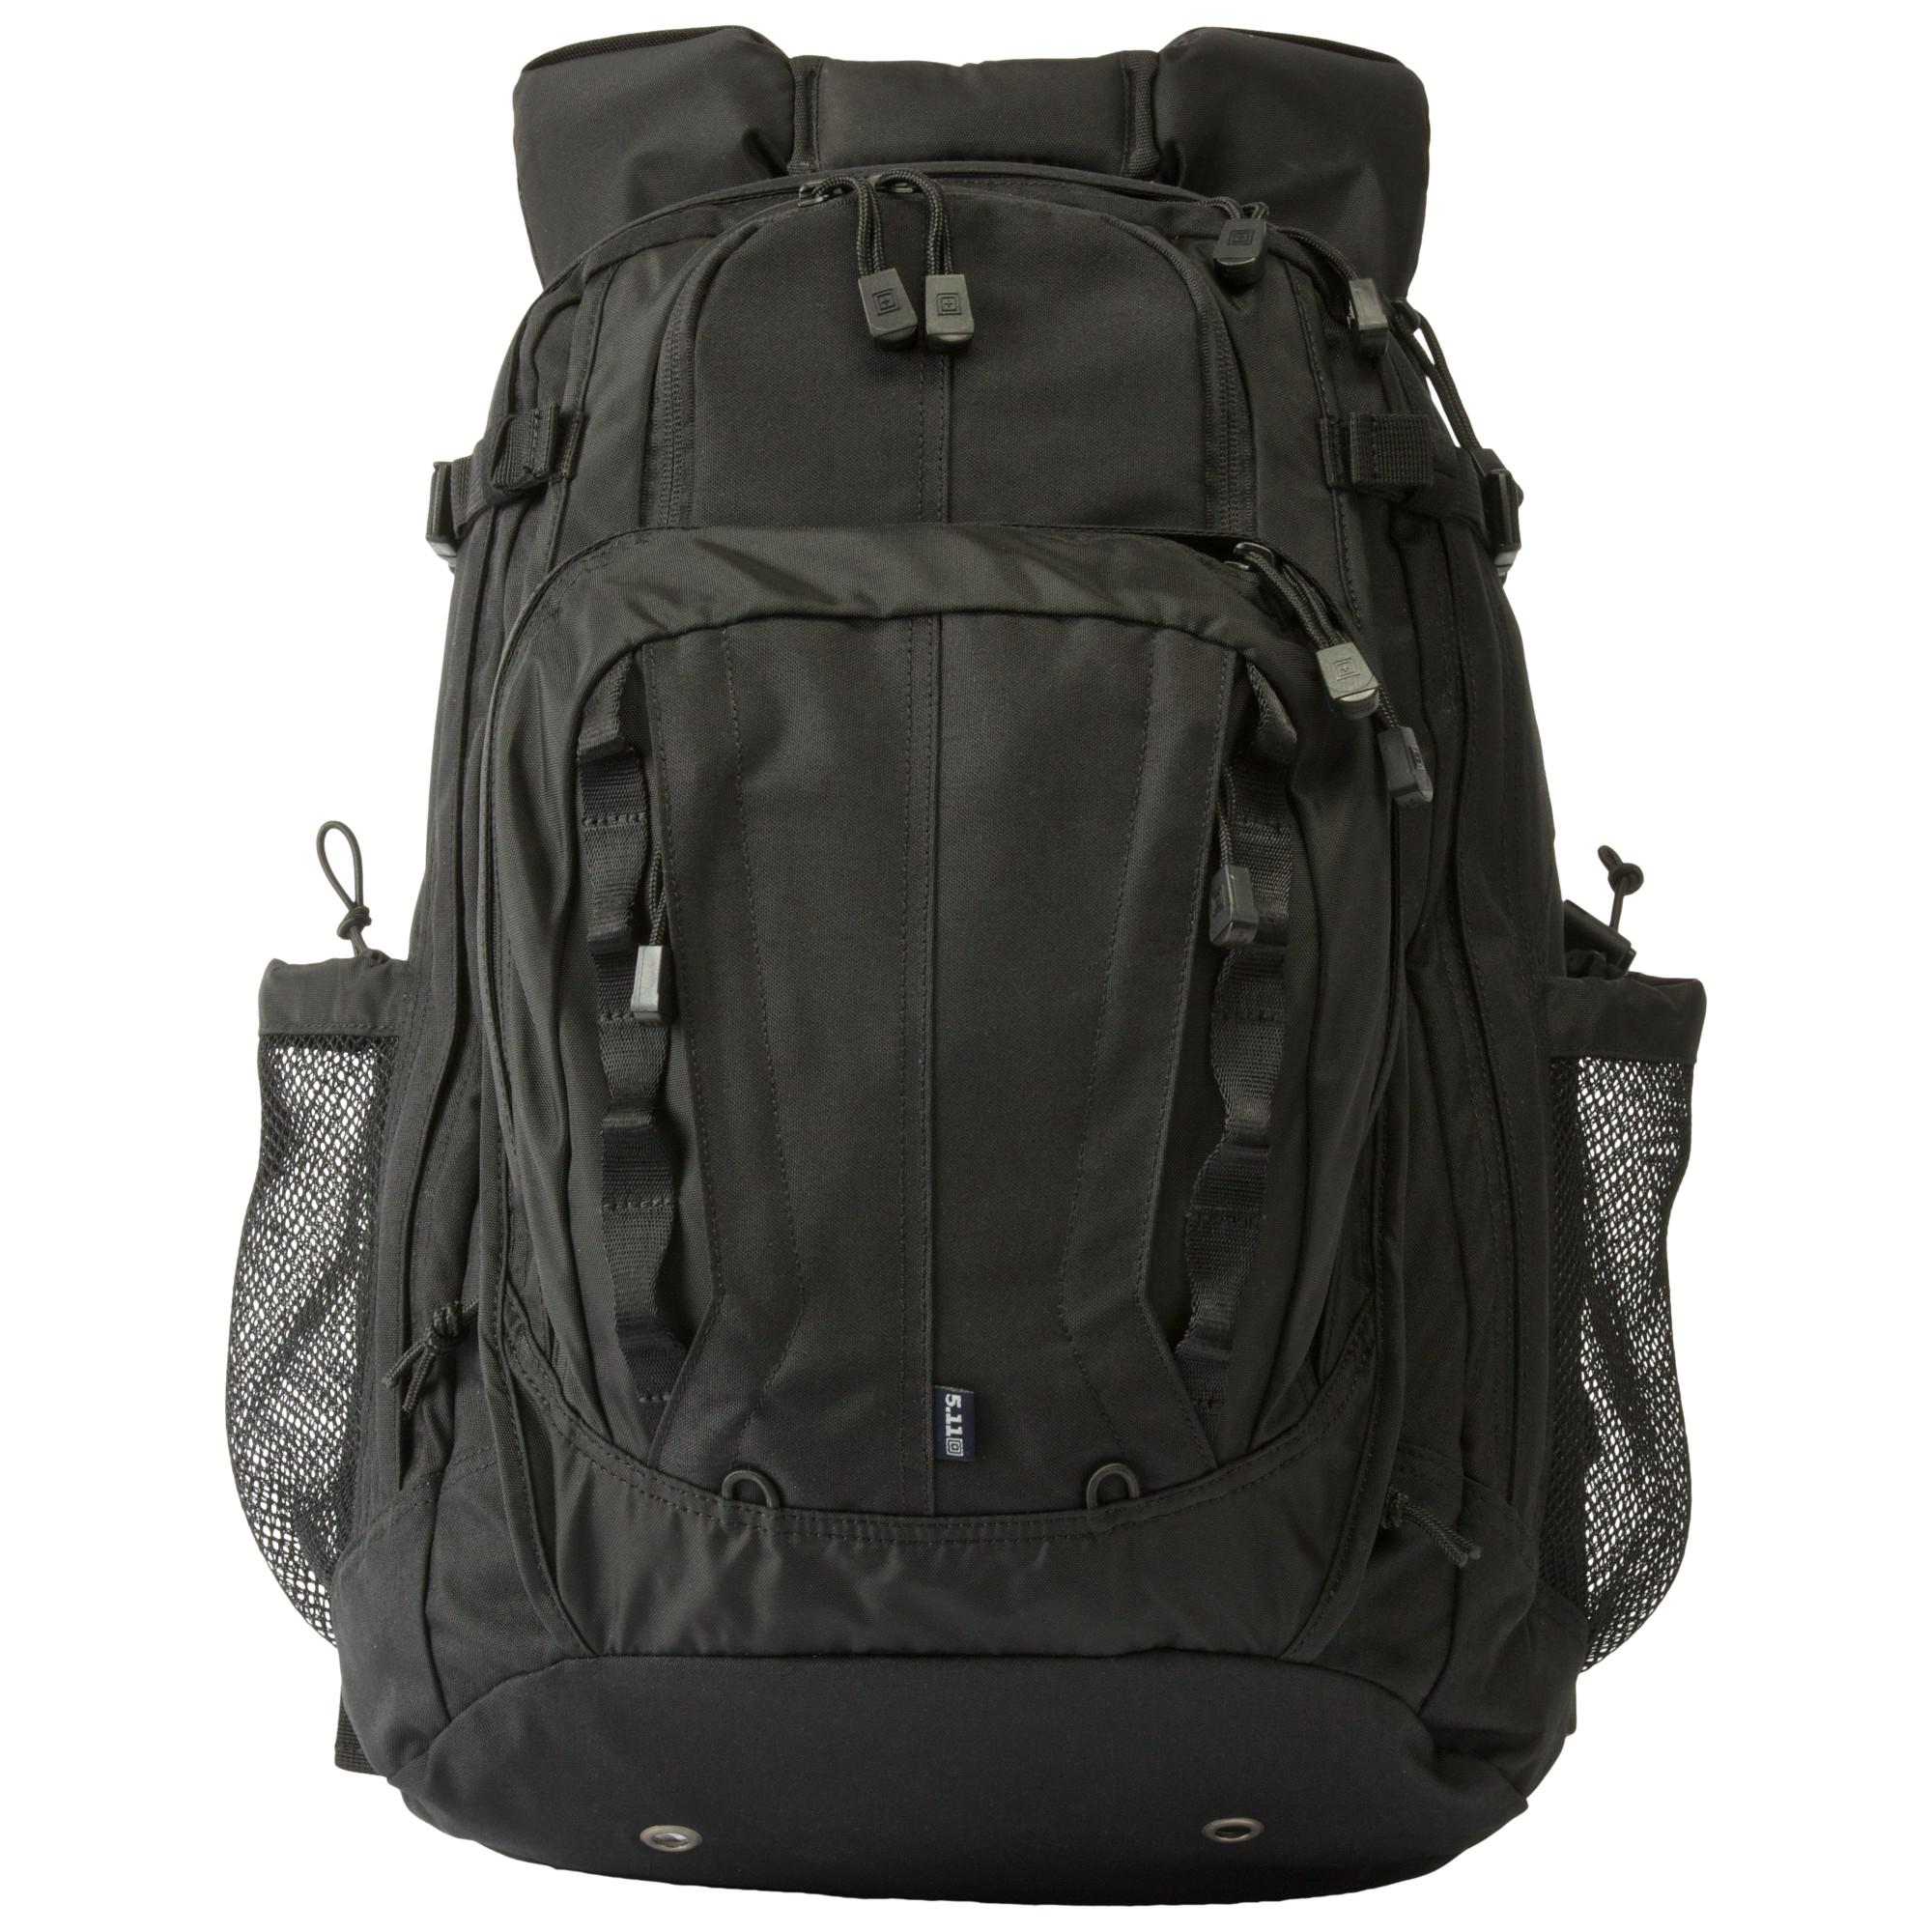 COVRT18™ Backpack